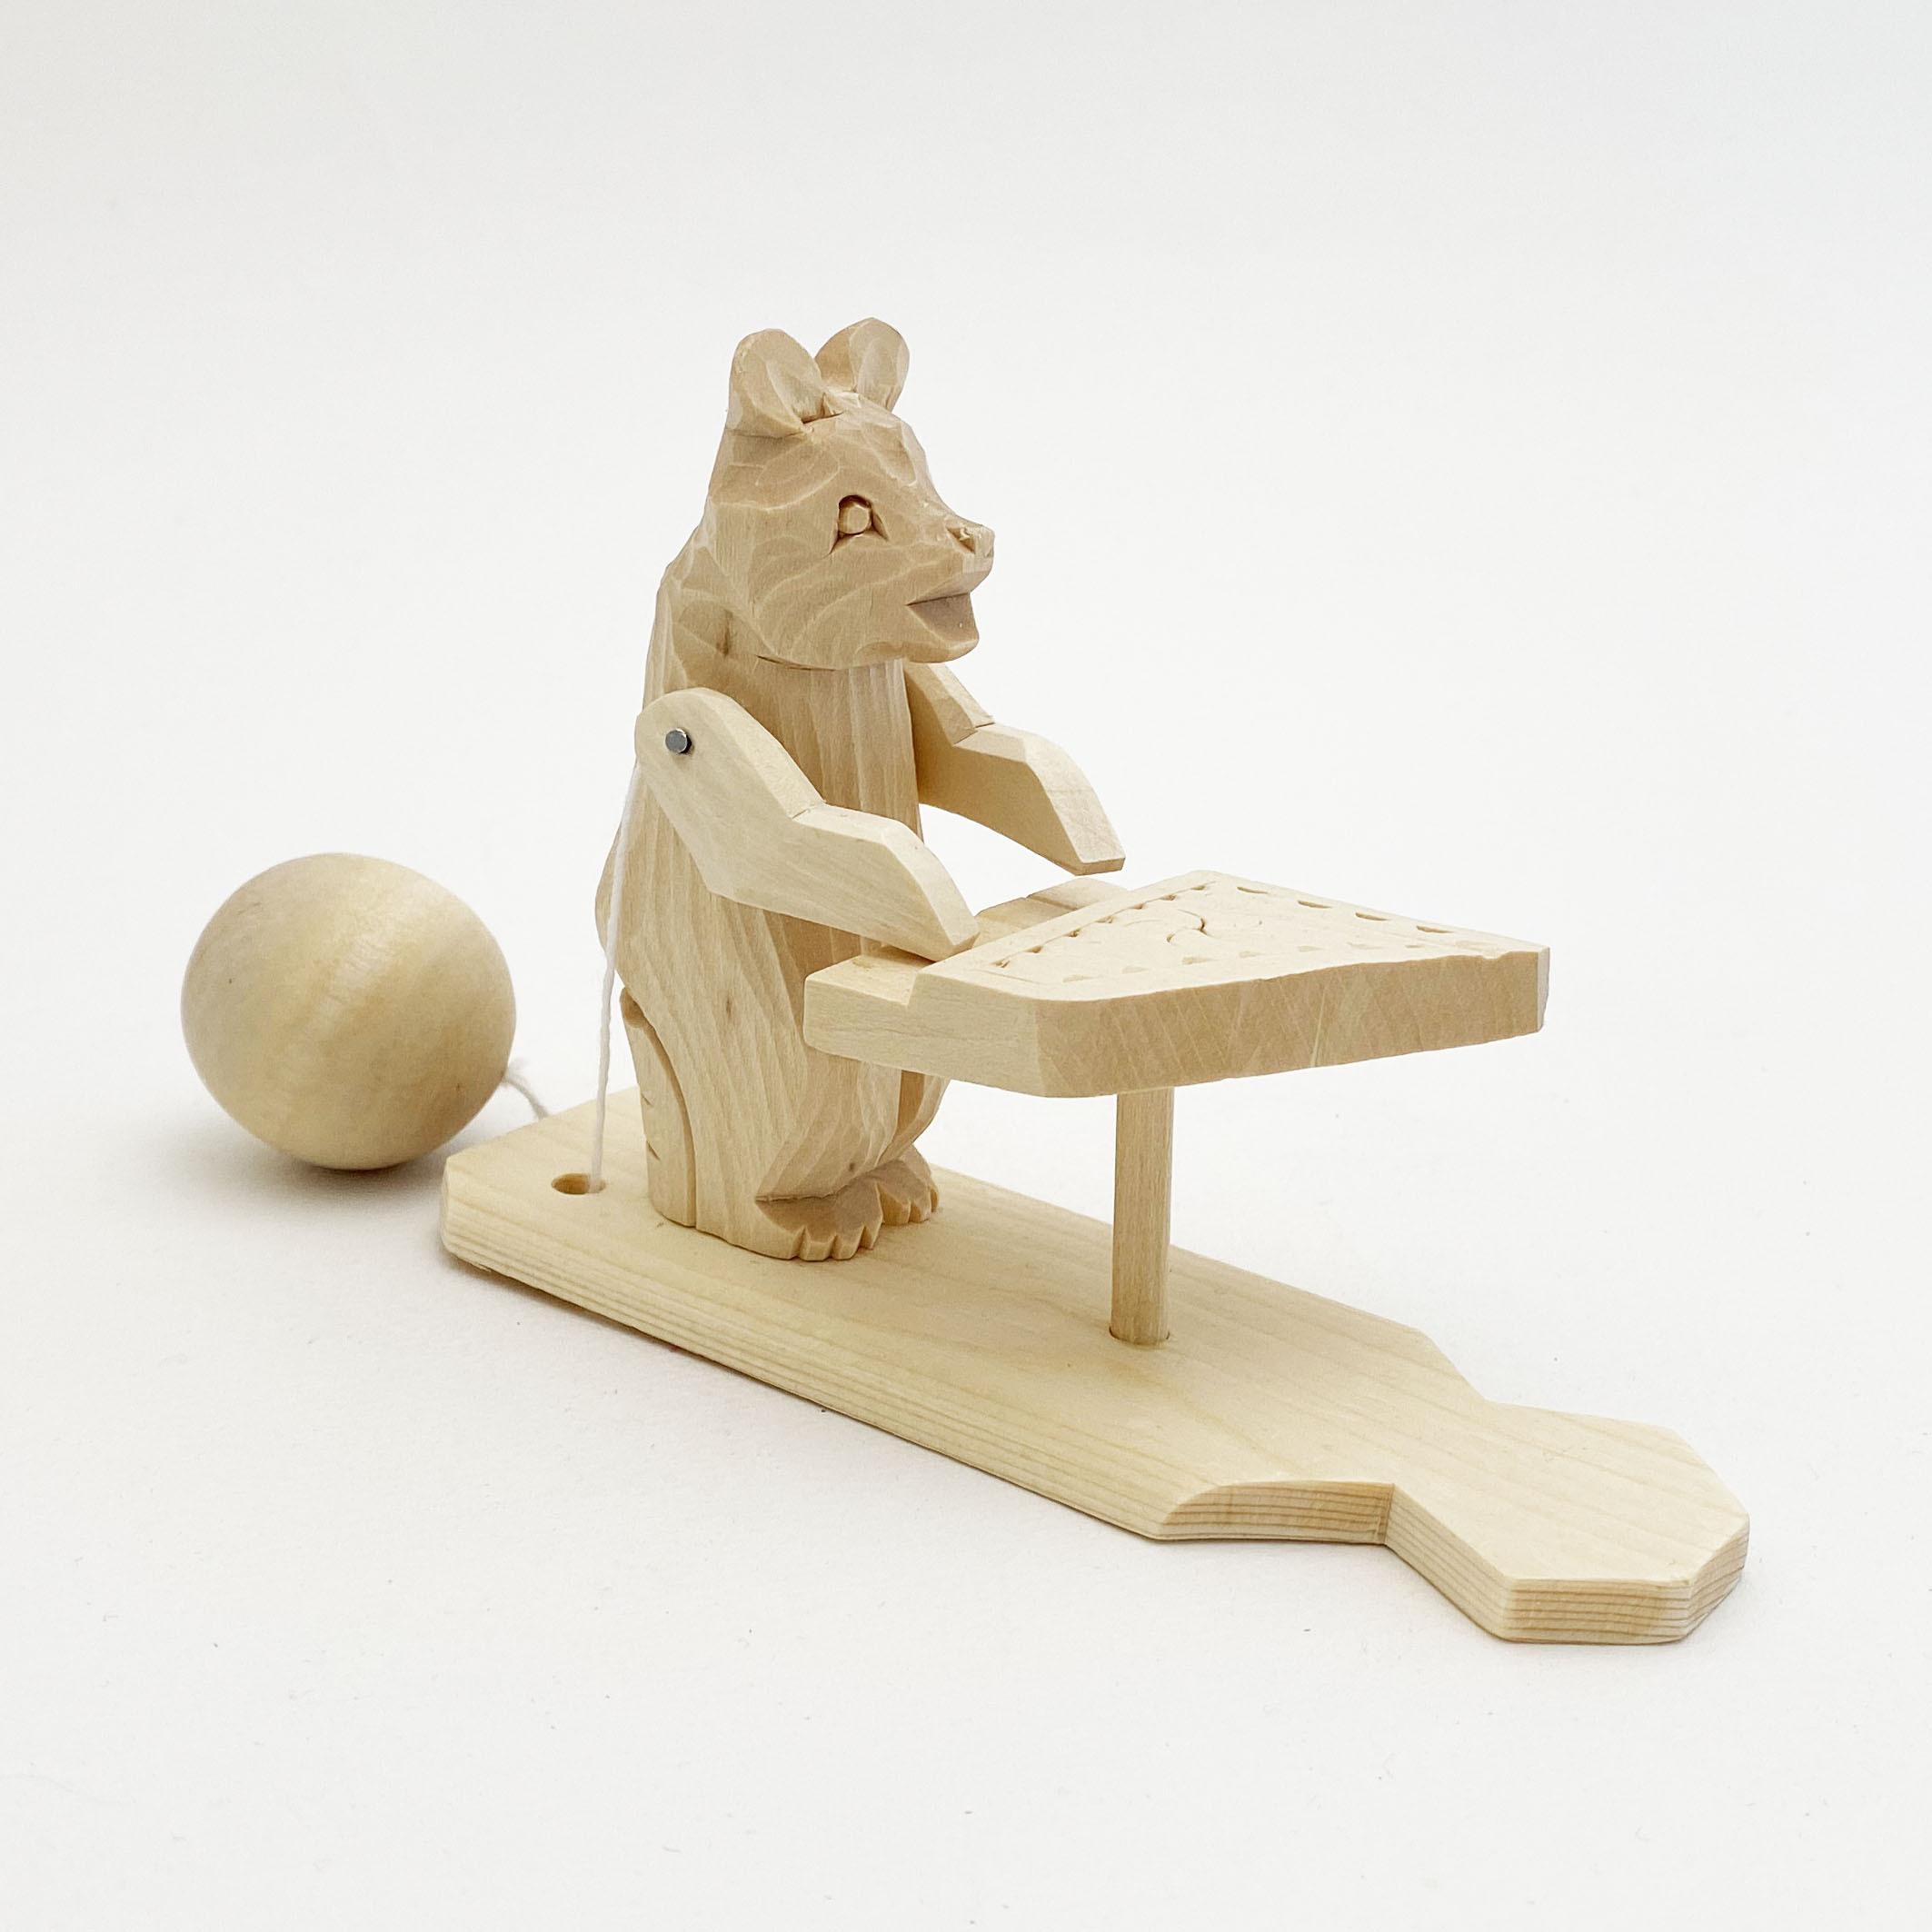 ボゴロツコエ木地玩具「クマのピアニスト」